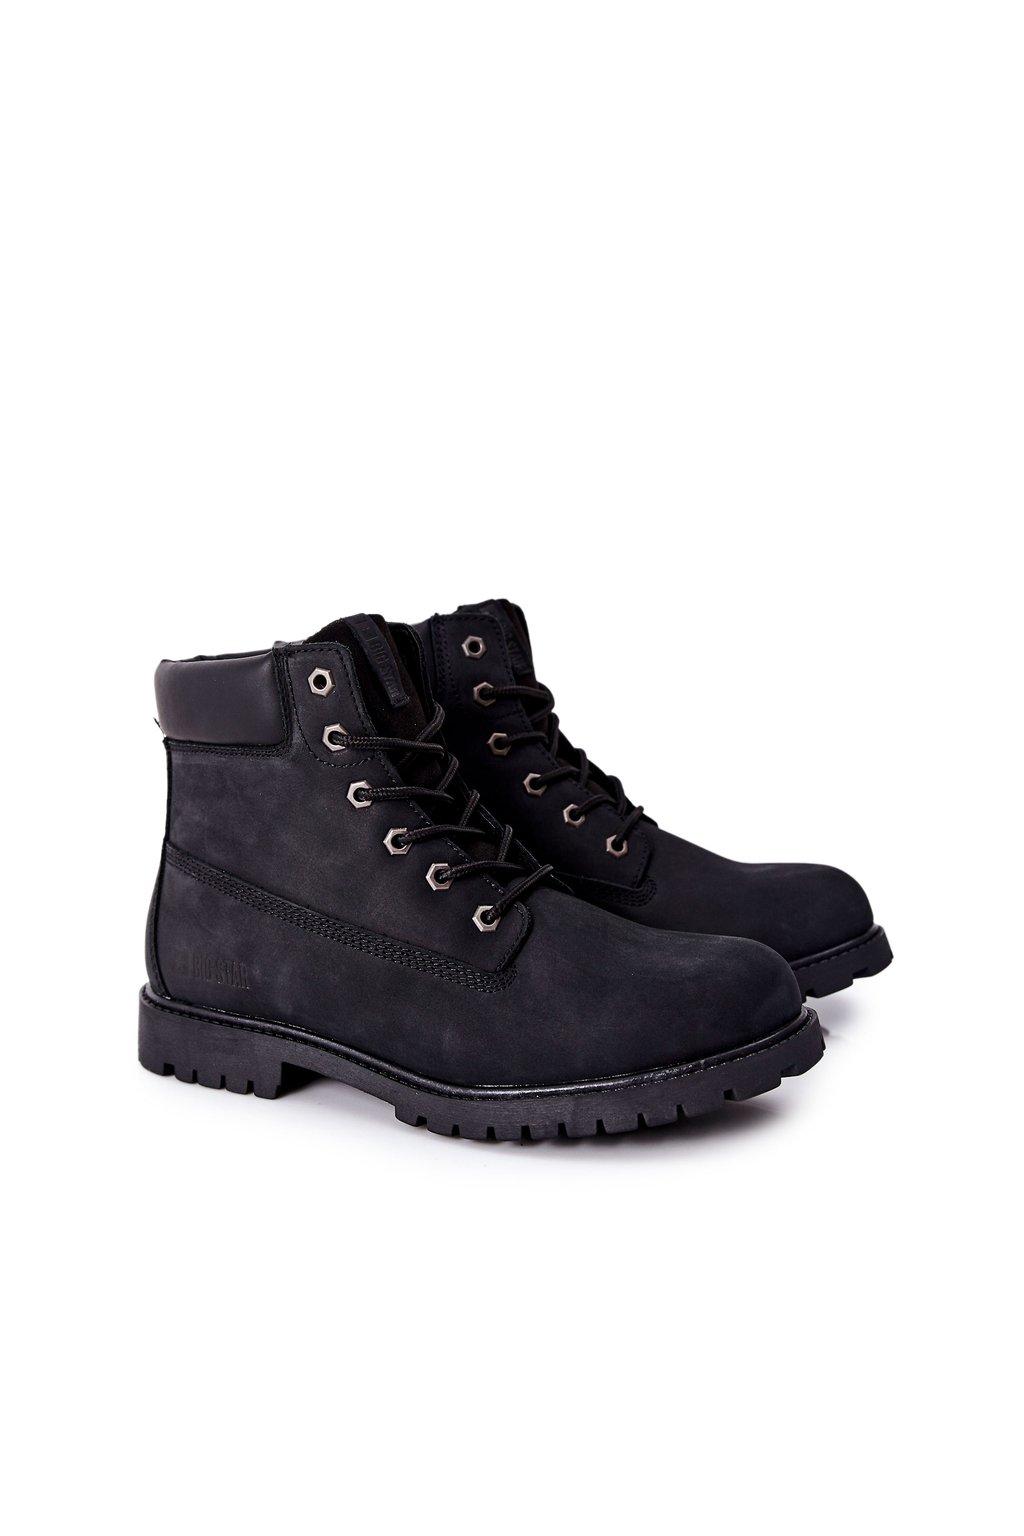 Pánske topánky na zimu farba čierna kód obuvi II174263 BLACK